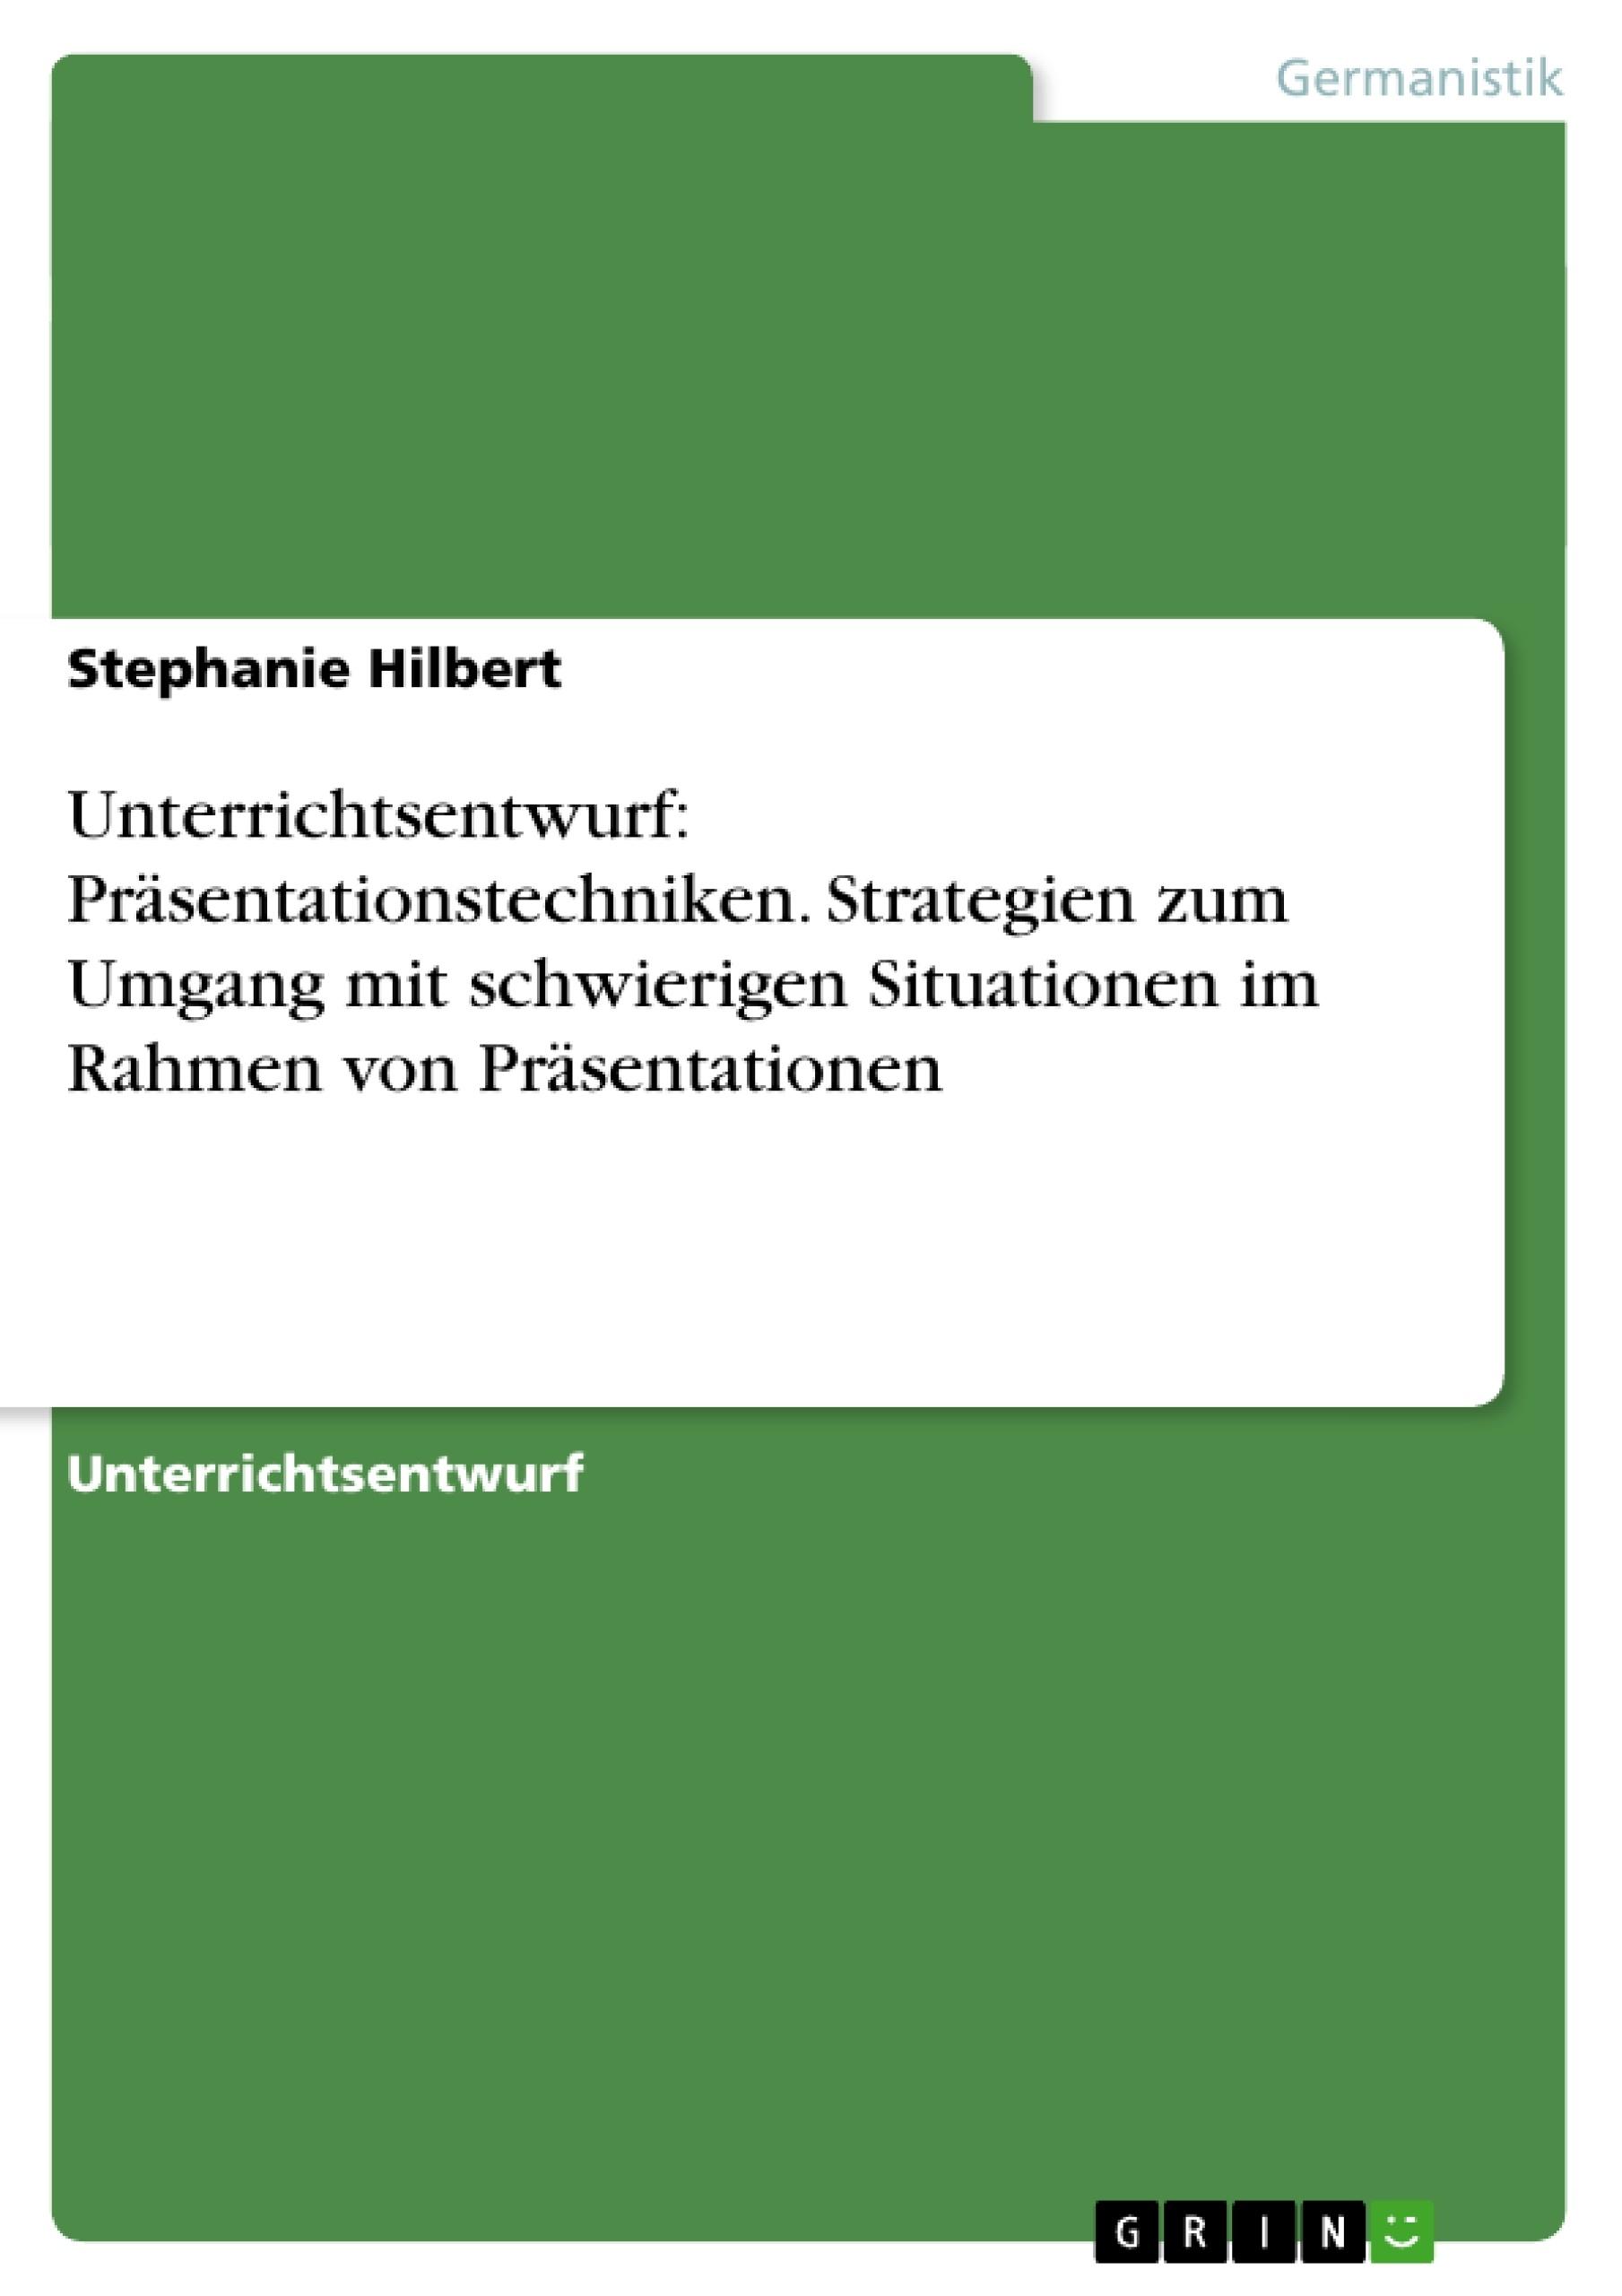 Titel: Unterrichtsentwurf: Präsentationstechniken. Strategien zum Umgang mit schwierigen Situationen im Rahmen von Präsentationen